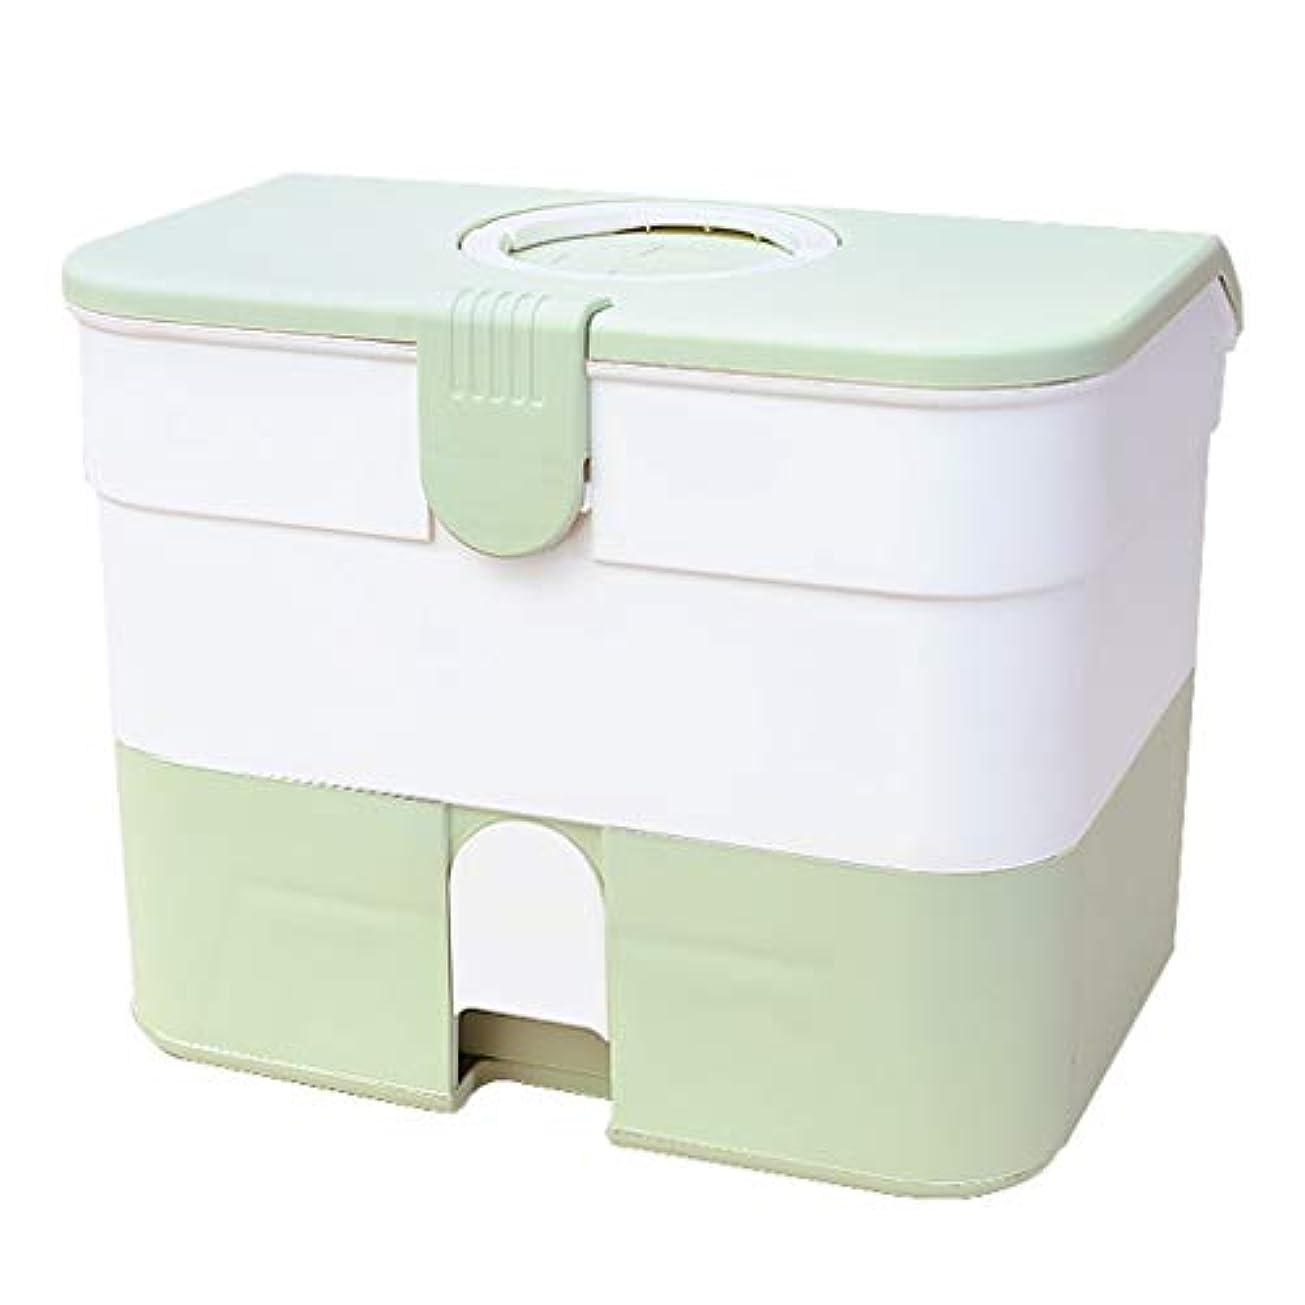 何虐待洗剤救急箱 薬箱 緑 救急ボックス 応急ボックス 医療箱 収納ケース 道具箱 引き出し箱 救急ケース ツールボックス 薬入れ 小物入れ 大容量 家庭用 車用 多機能 緊急 防災 応急手当 応急処置 プラスチック スポーツ